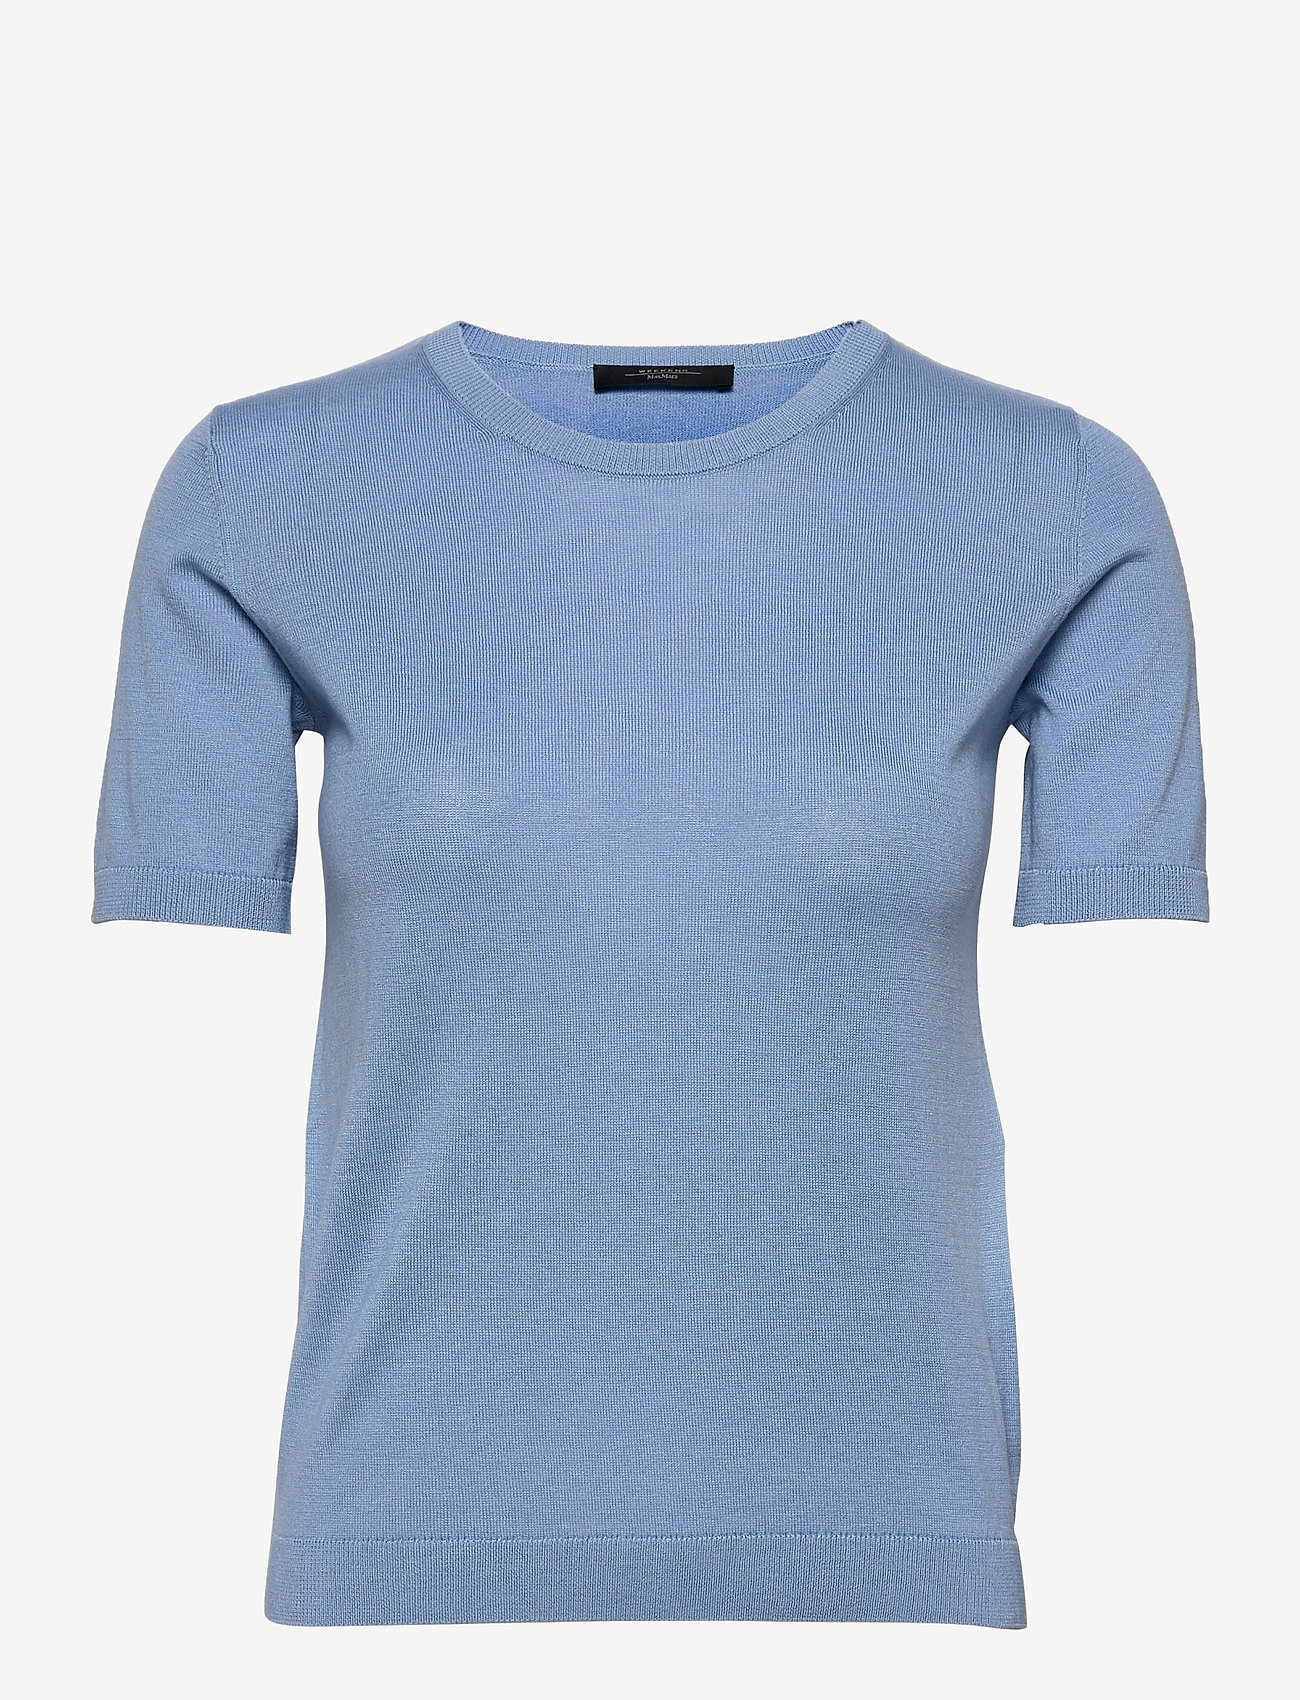 Weekend Max Mara - CAIRO - gebreide t-shirts - light blue - 0